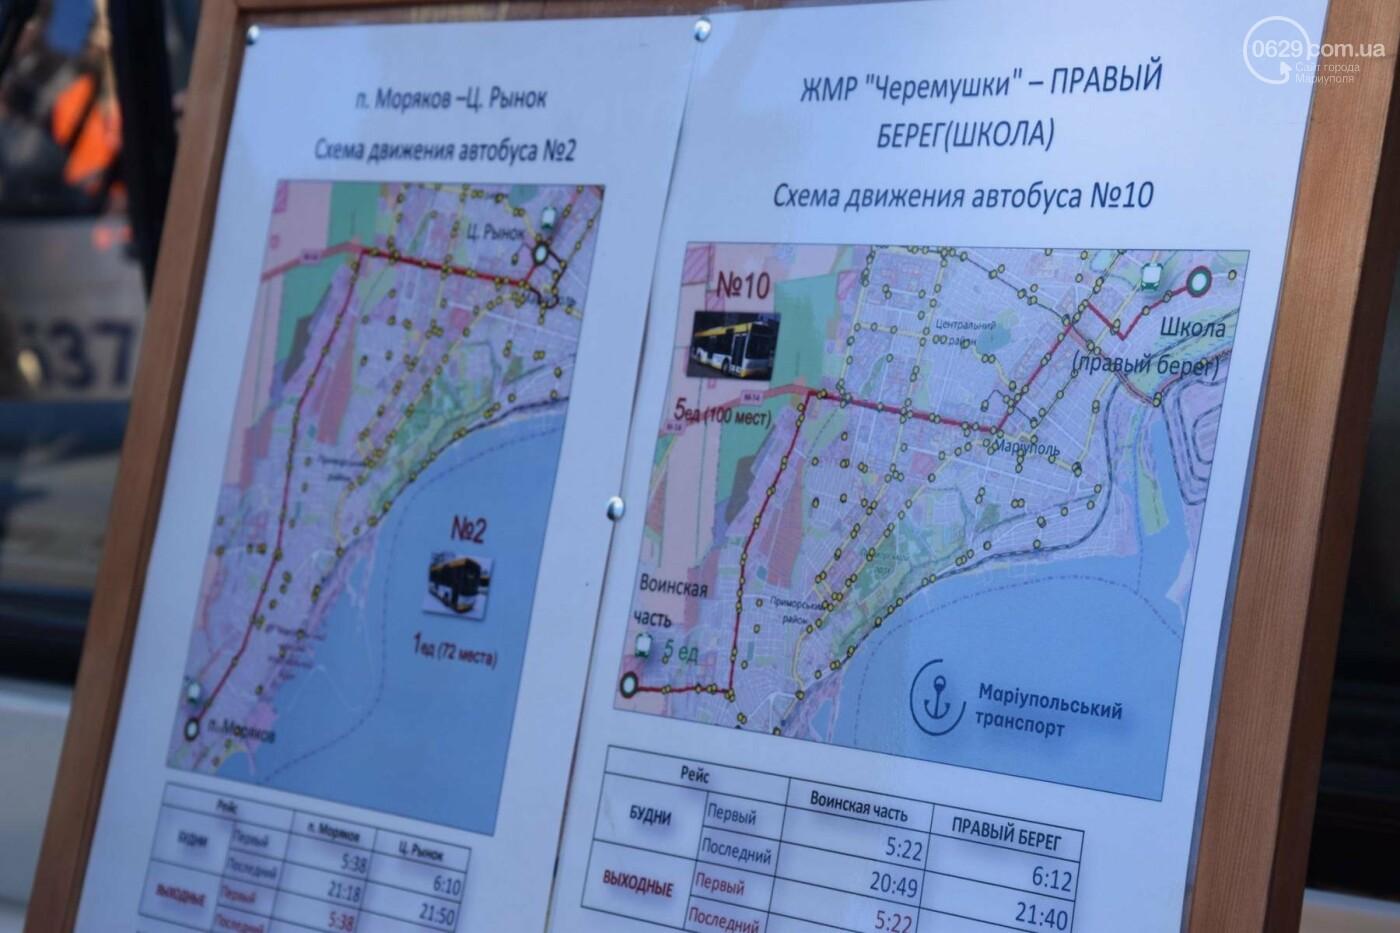 """В Мариуполе из МКР """"Черемушки"""" и поселка Моряков запустили два новых автобусных маршрута (ФОТО, ВИДЕО), фото-4"""